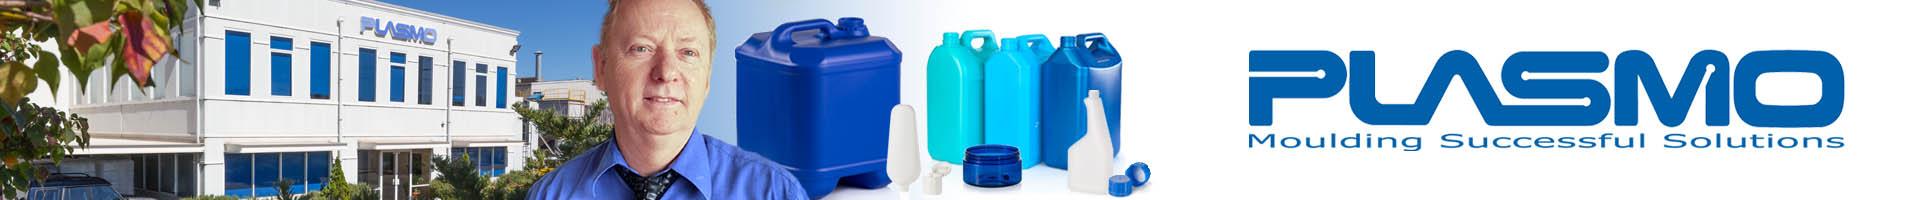 plasmo plastic bottle manufacturer australia